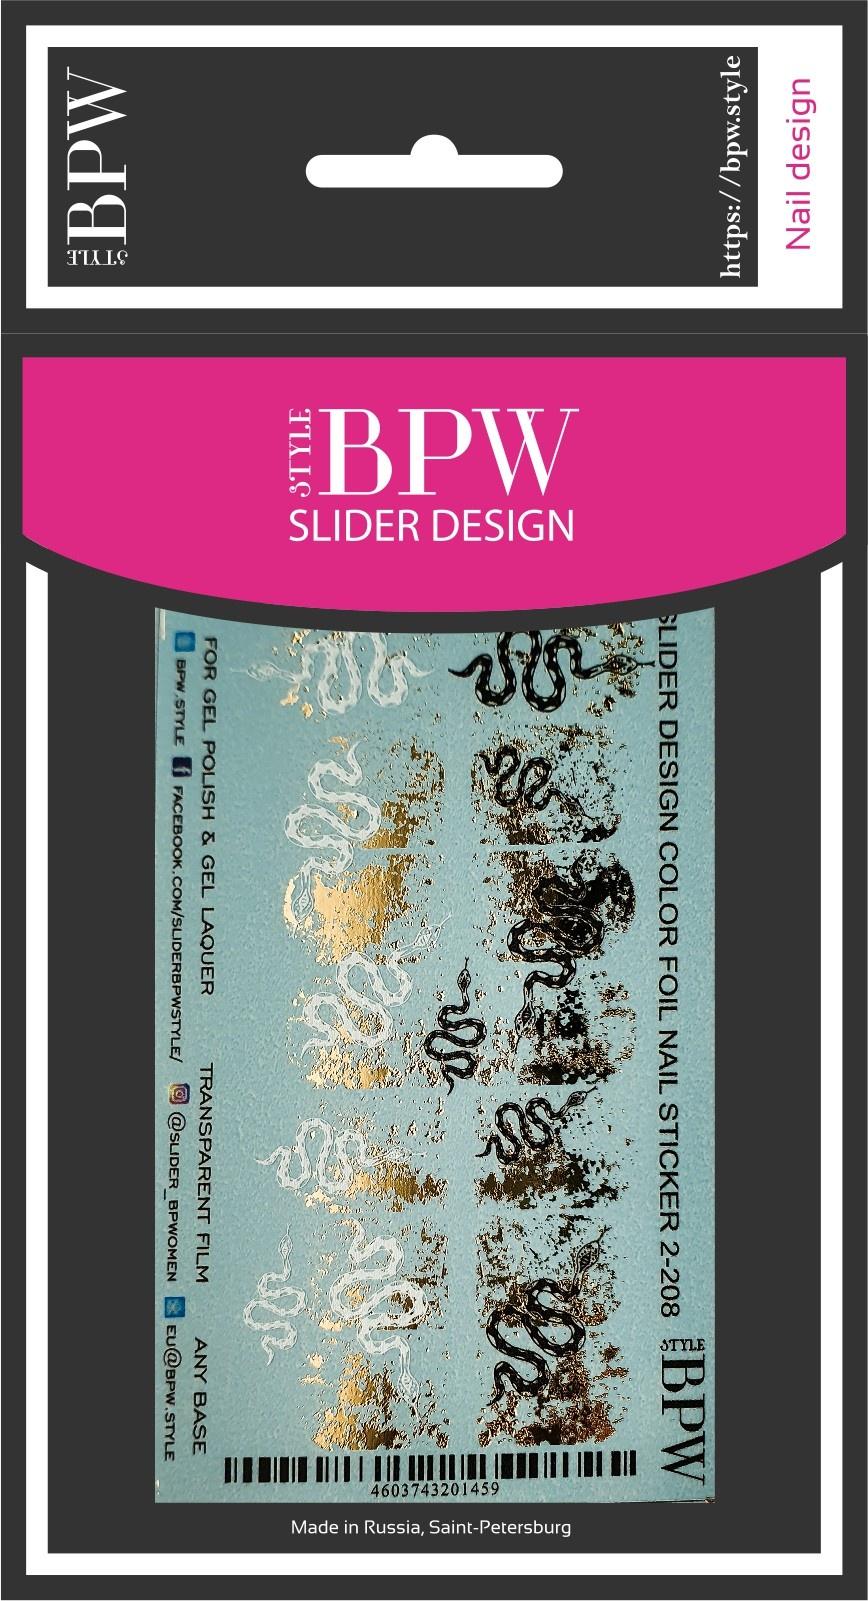 Наклейки для ногтей BPW.style sd2-208, 2 1pcs блеск и пудре порошок блестит классика высокое качество повседневные дизайн ногтей